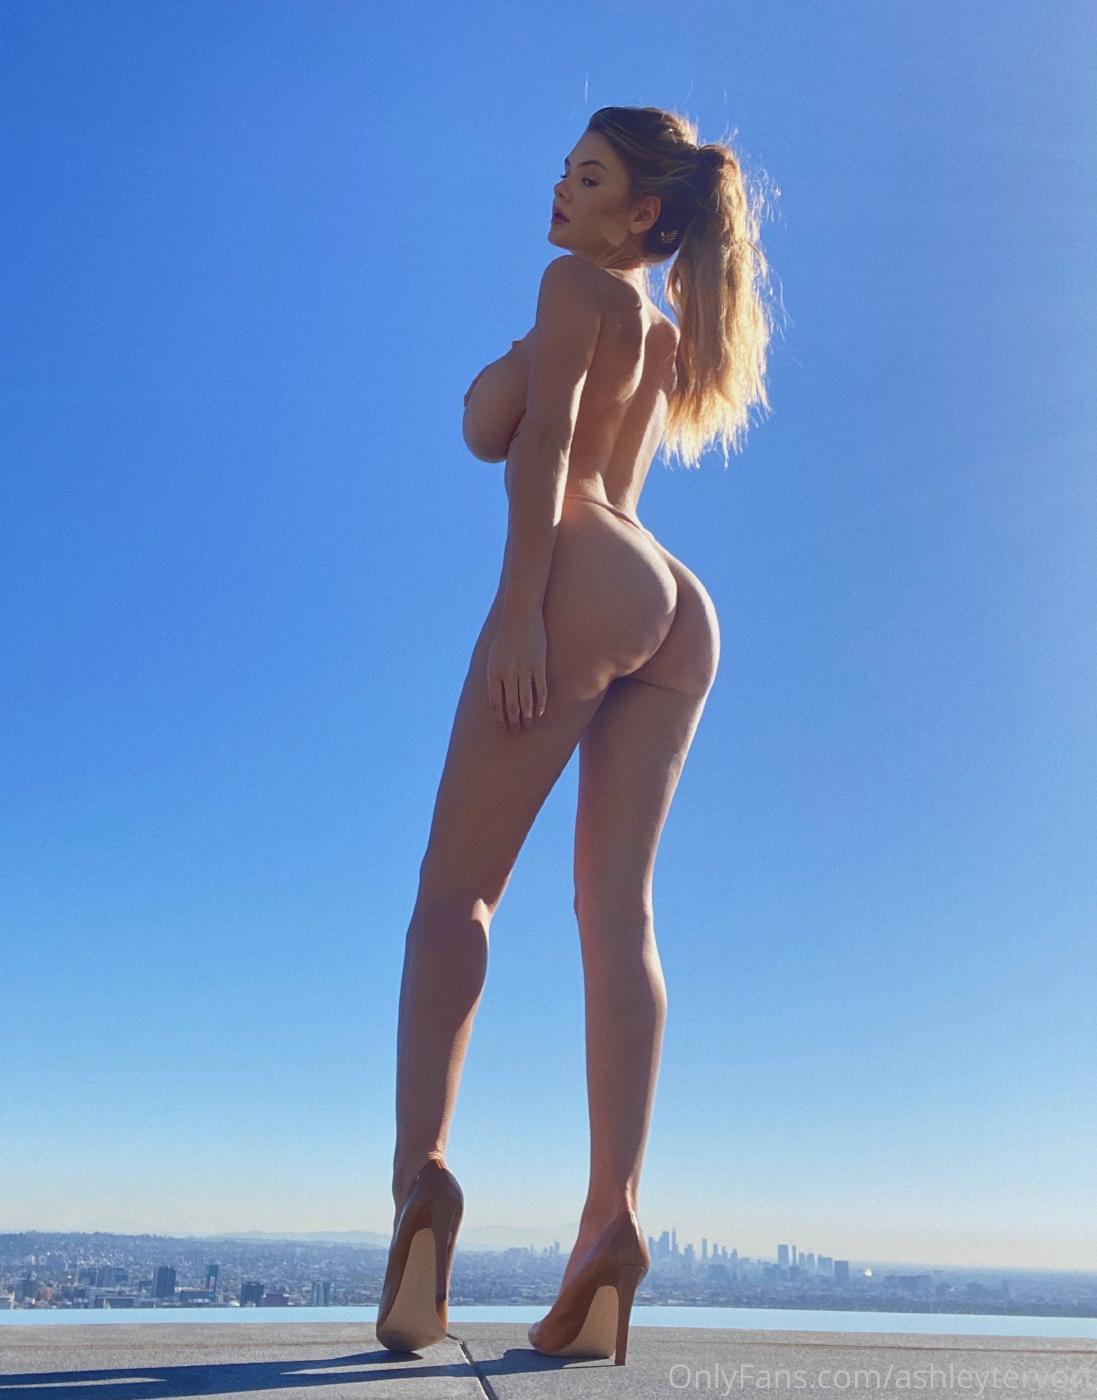 Ashley Tervort High Heels Nip Slip Onlyfans Set Leaked 0004